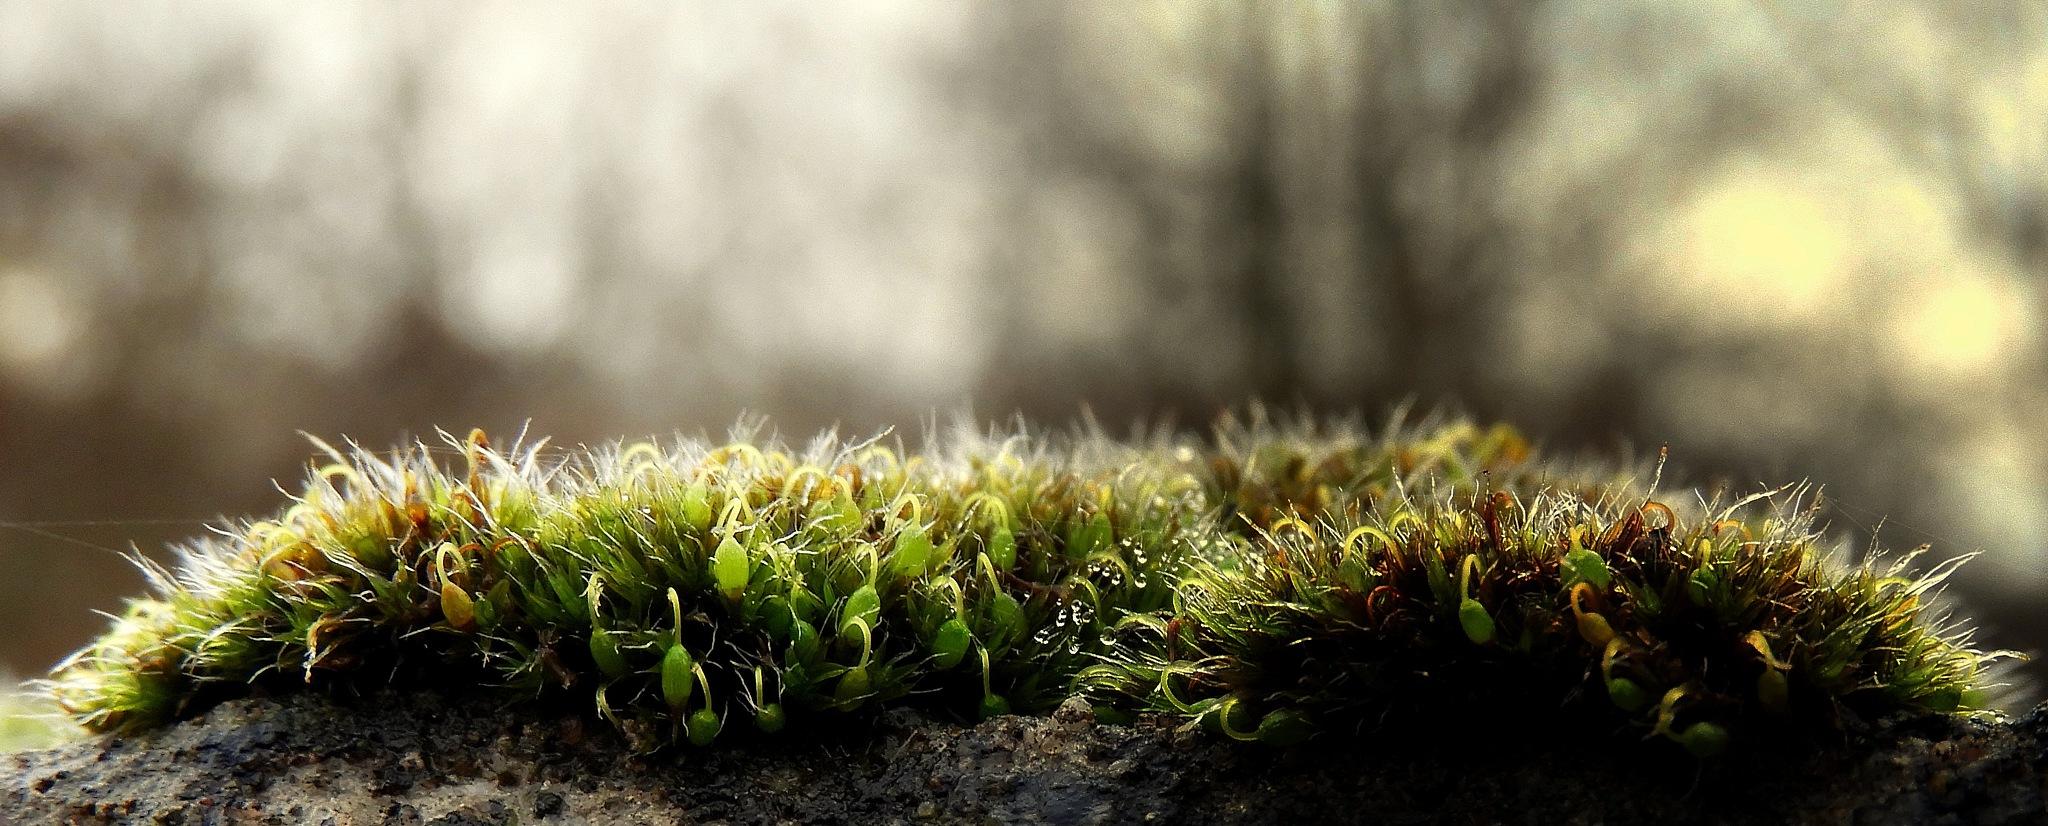 moss4 by johan.vandergouw